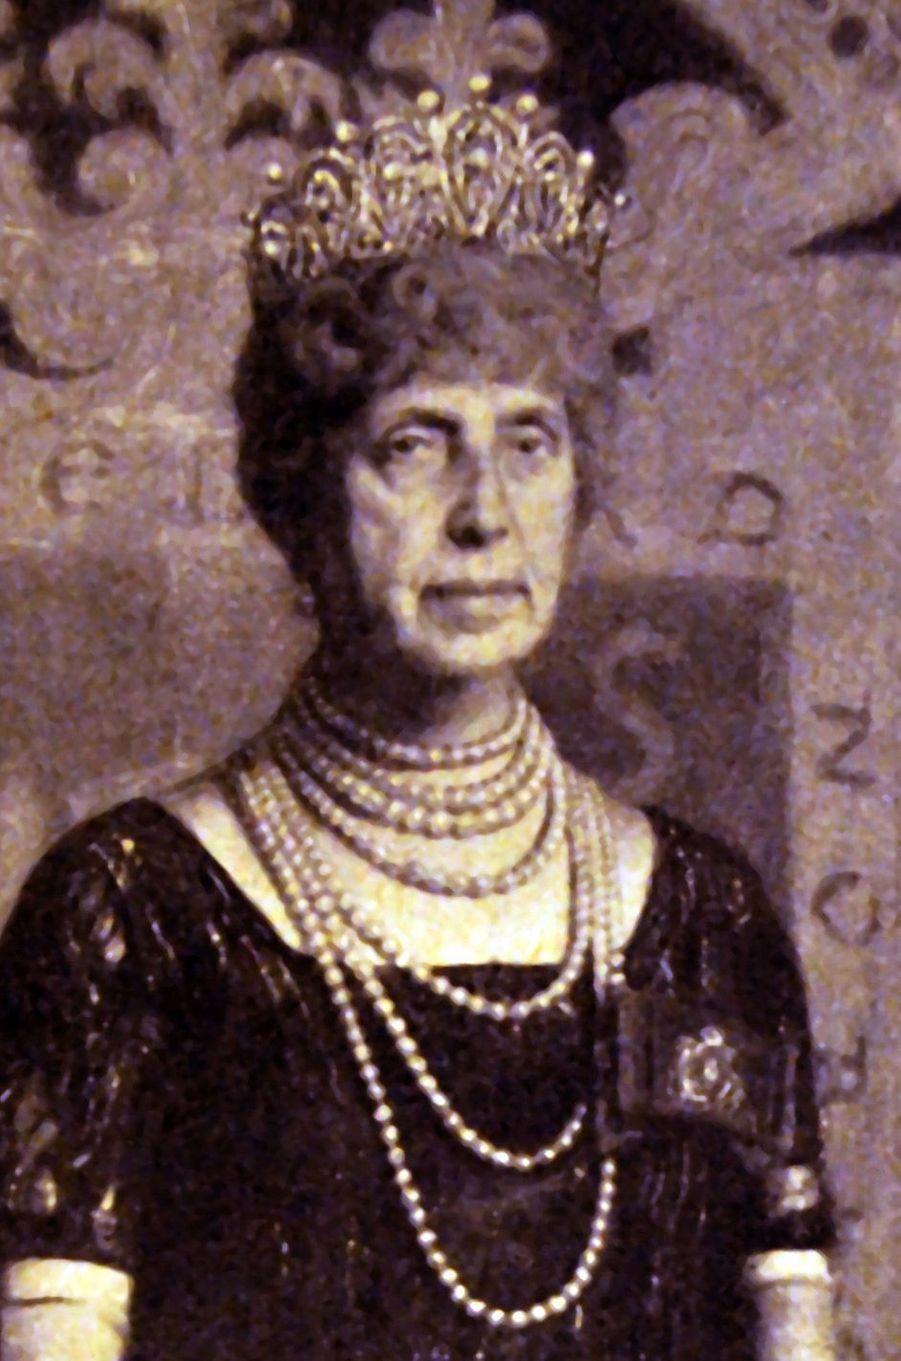 La reine Maria Cristina d'Espagne portant le diadème russe. Photo non datée